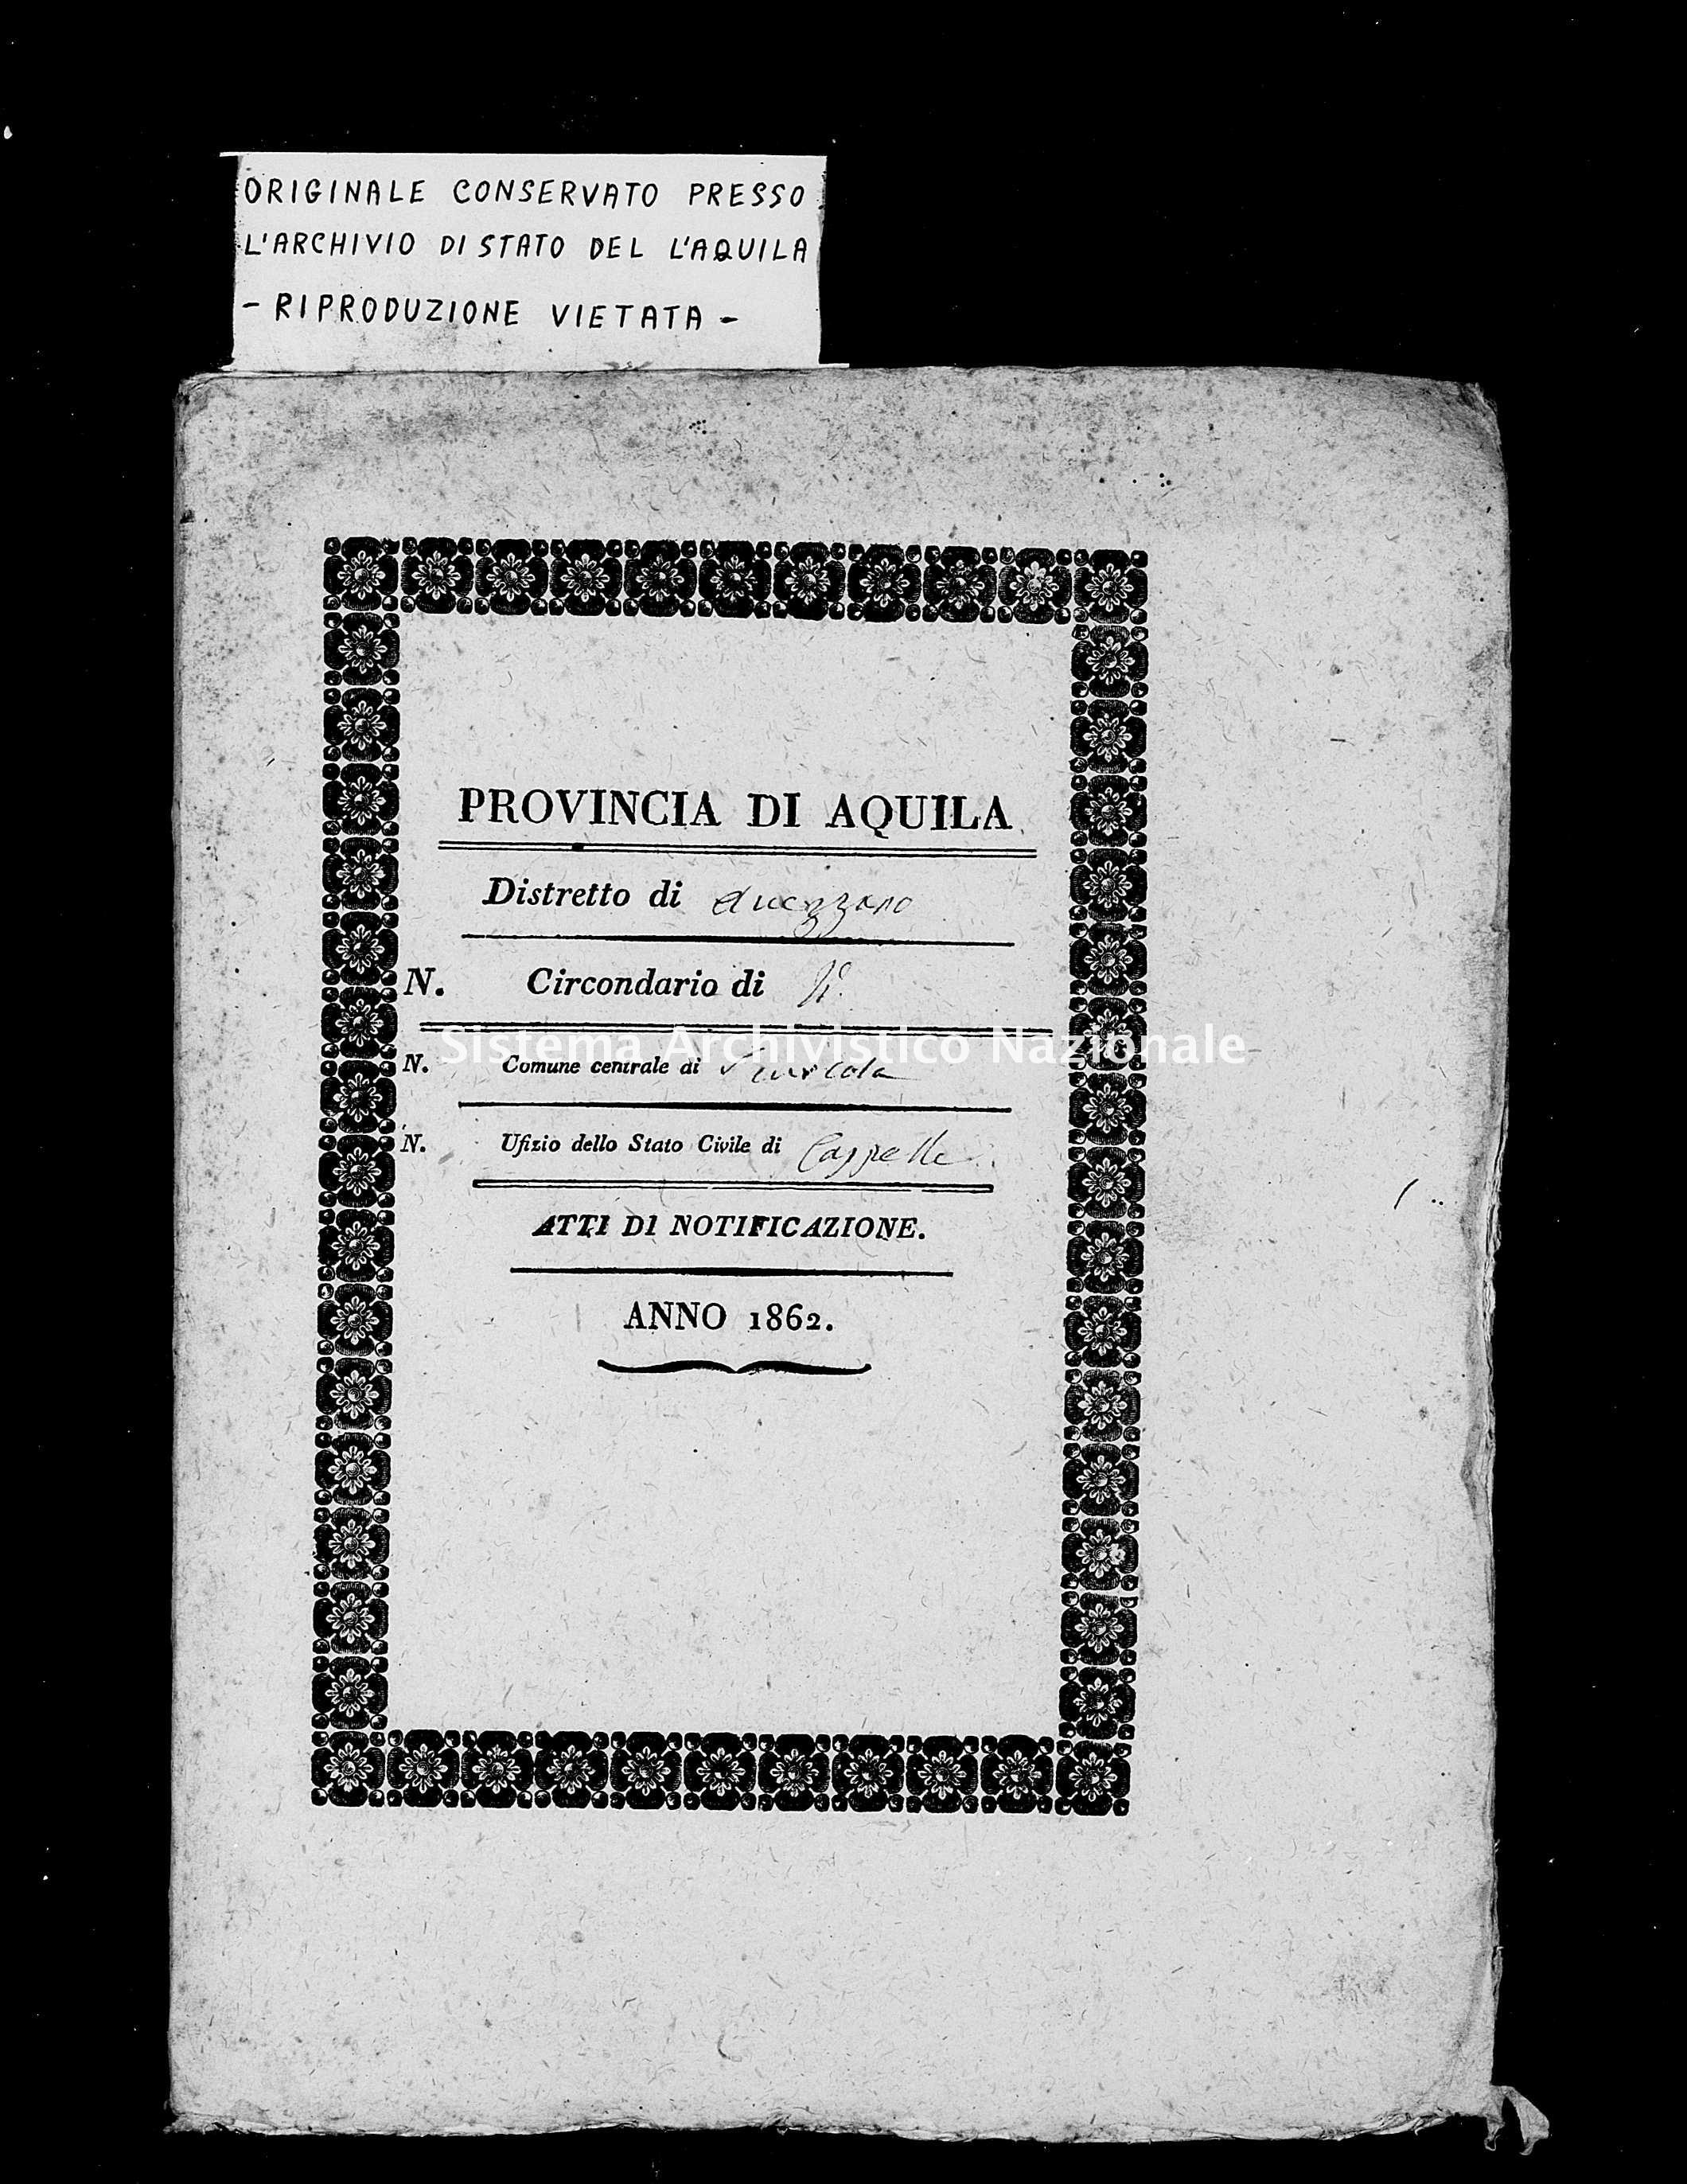 Archivio di stato di L'aquila - Stato civile italiano - Cappelle de' Marsi - Matrimoni, memorandum notificazioni ed opposizioni - 1862 -